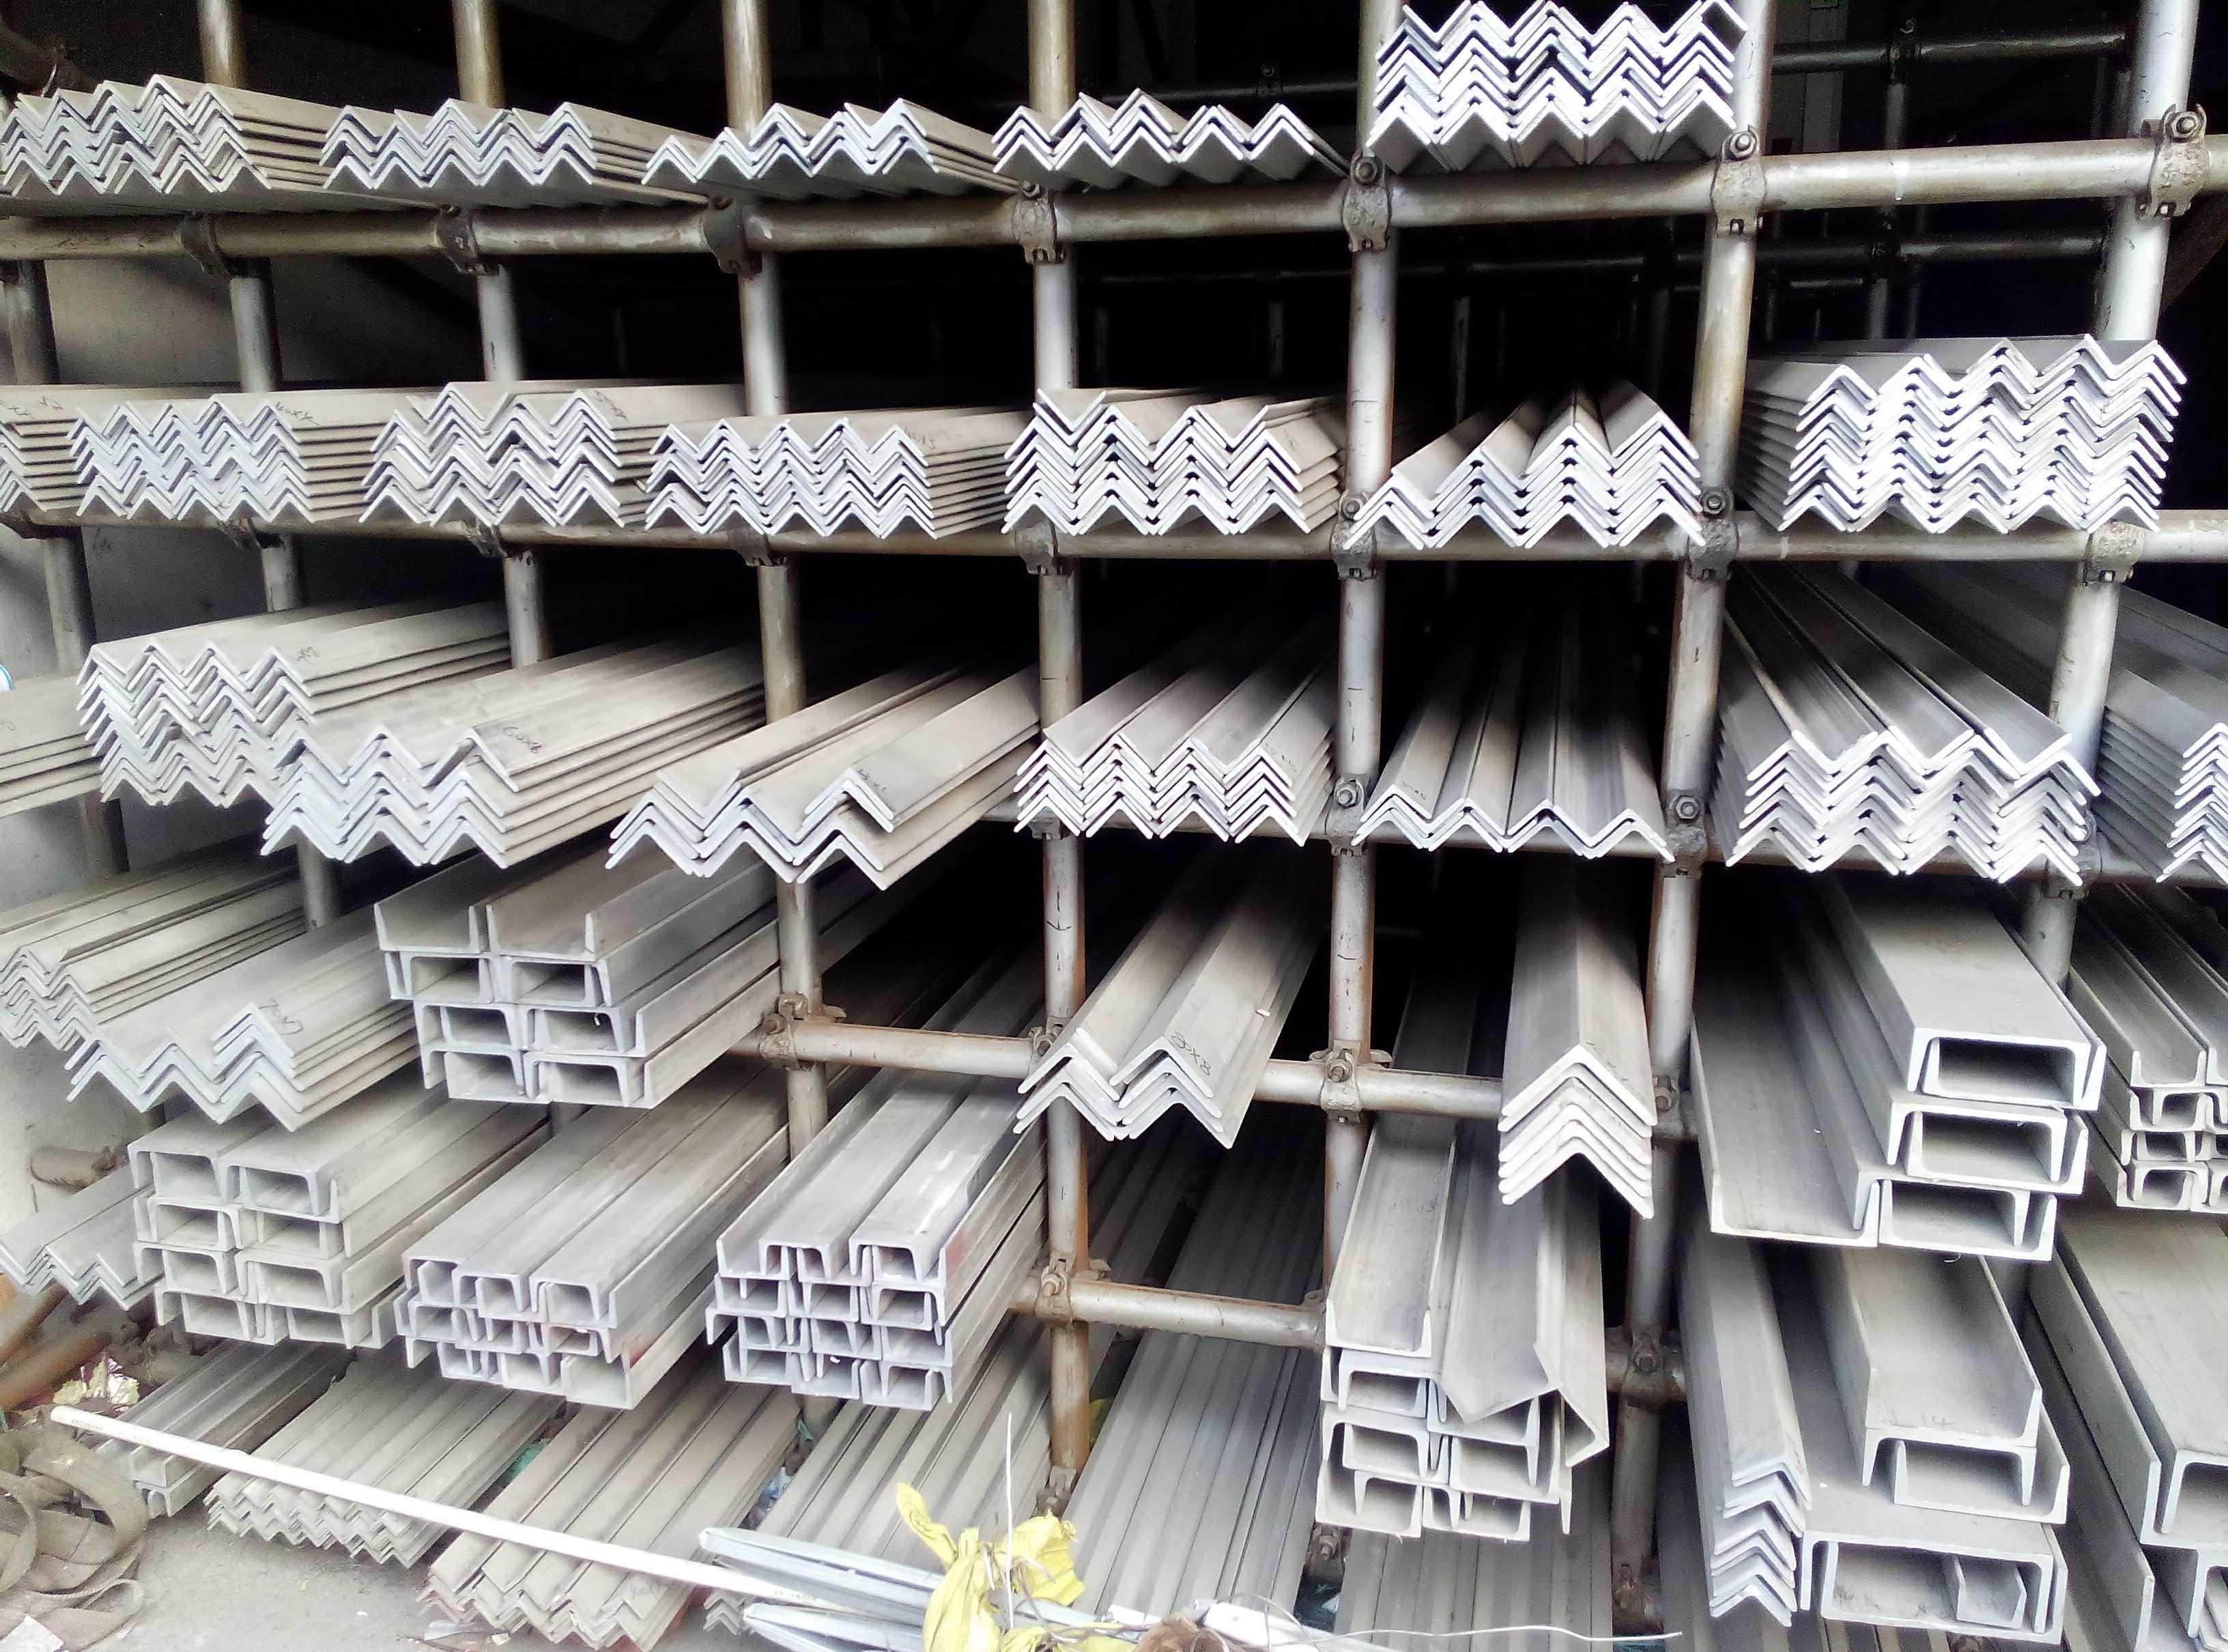 Нержавеющей стали угол сталь нержавеющей стали корыто сталь нержавеющей стали палка 201 304 316 стандарт нестандартный профили